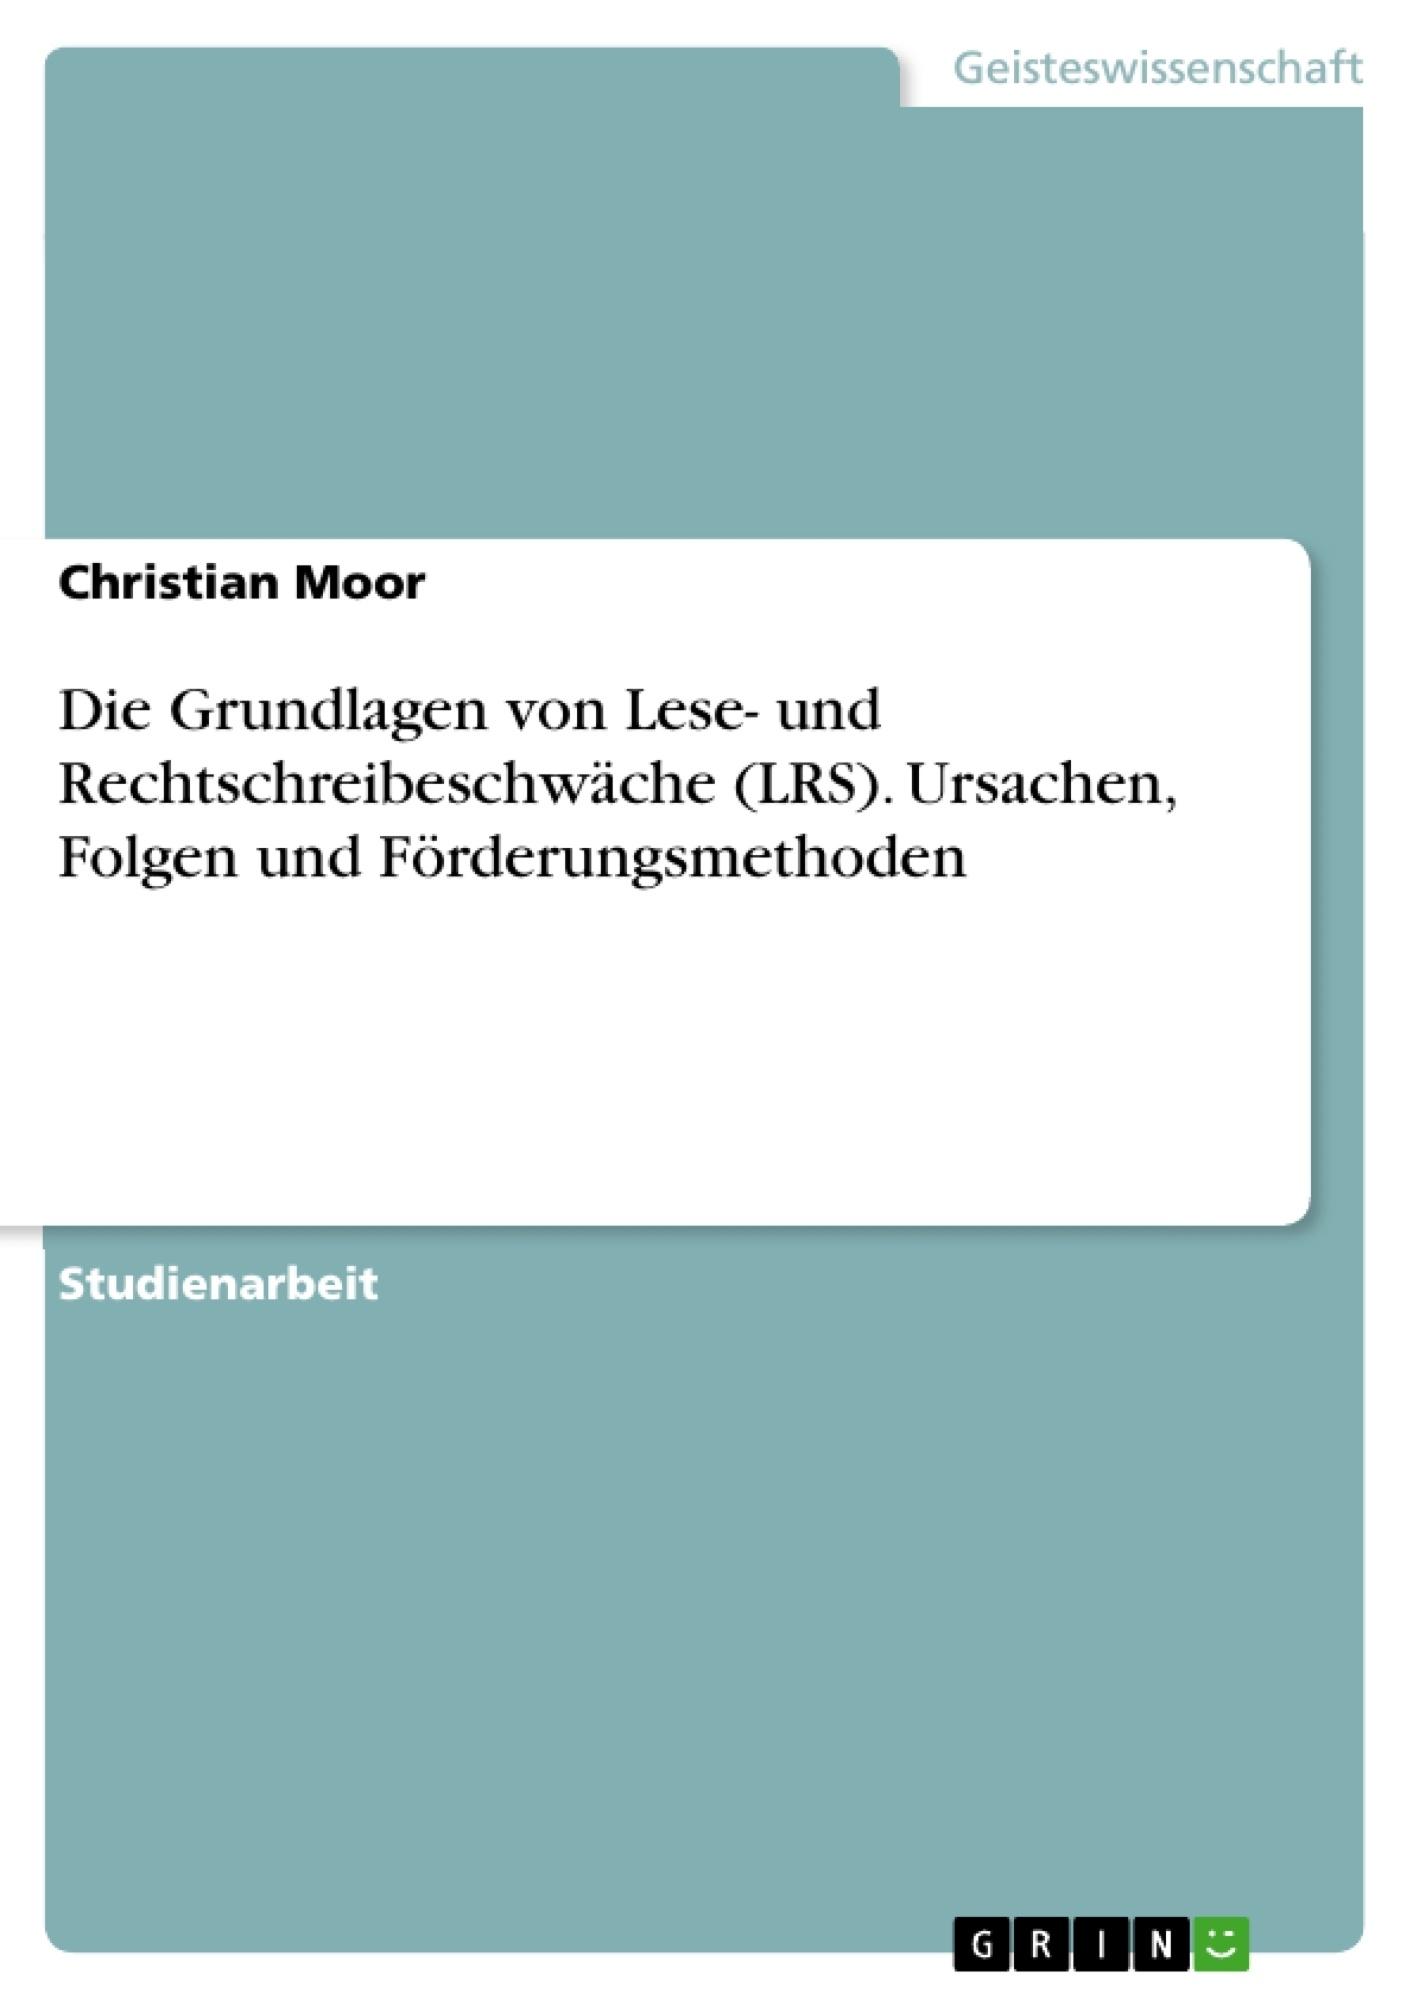 Titel: Die Grundlagen von Lese- und Rechtschreibeschwäche (LRS). Ursachen, Folgen und Förderungsmethoden